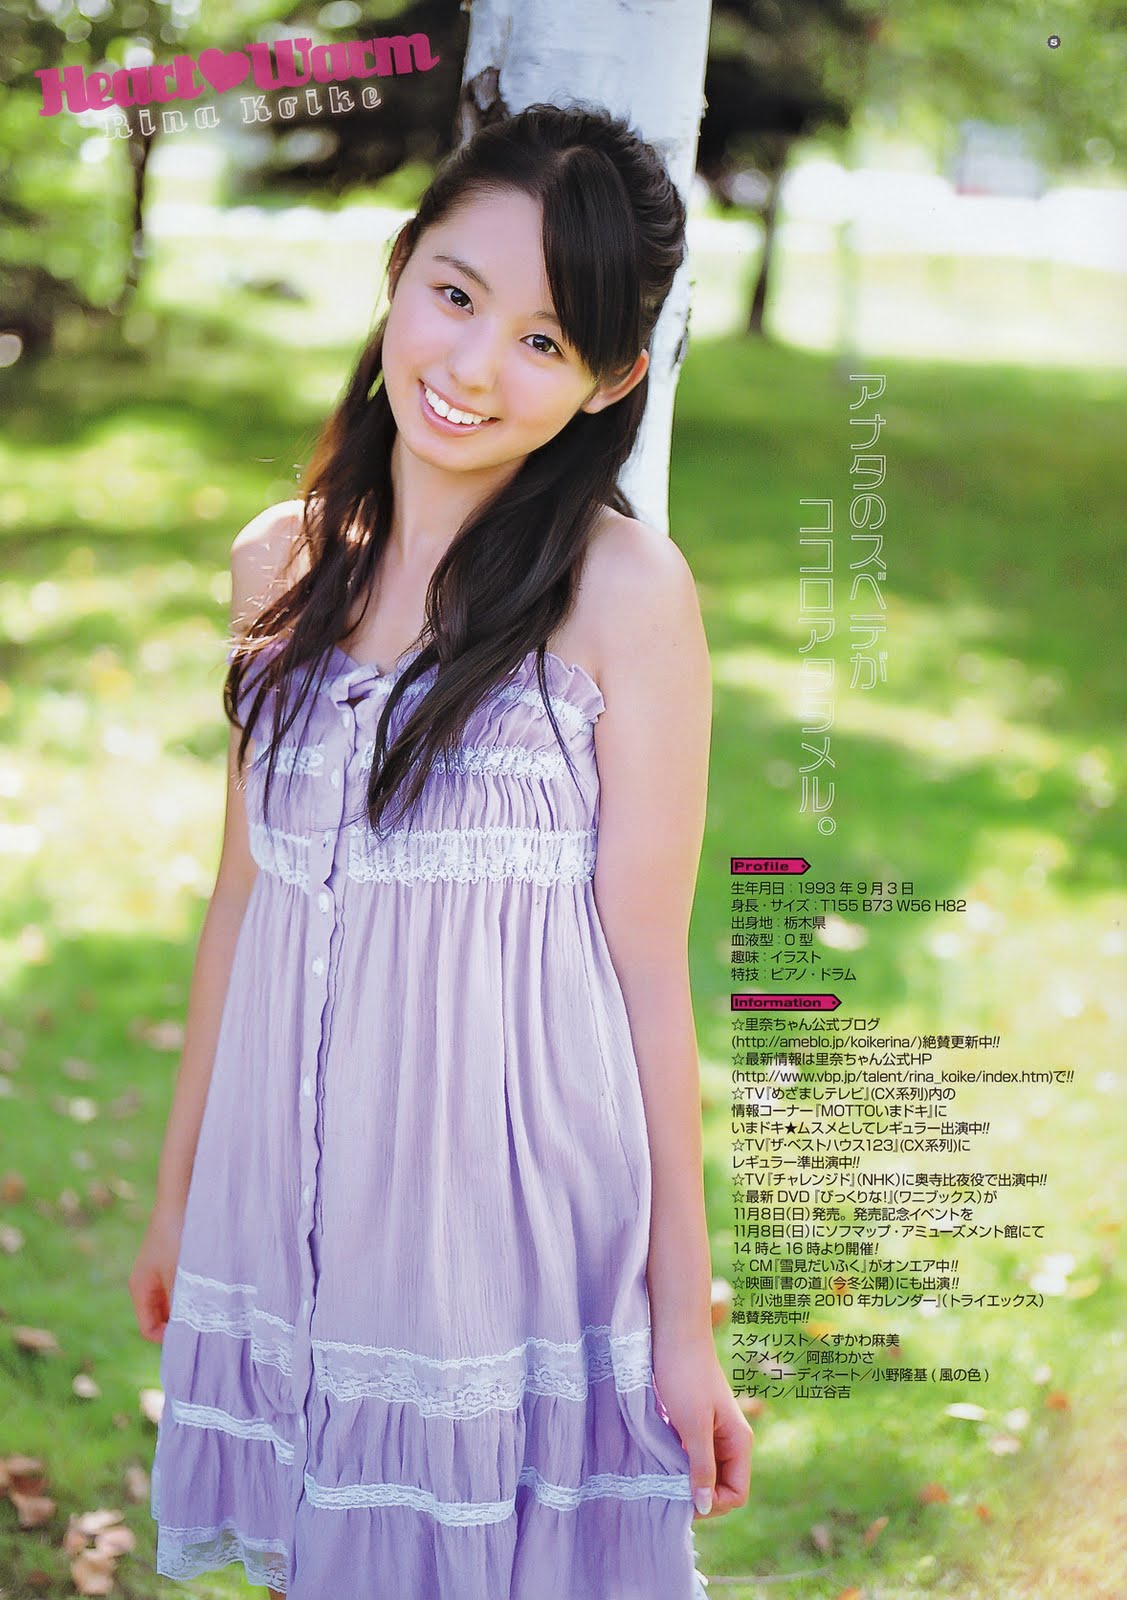 Chin Girl Wallpaper Asian Hot Celebrity Rina Koike Wallpaper Girl Japan